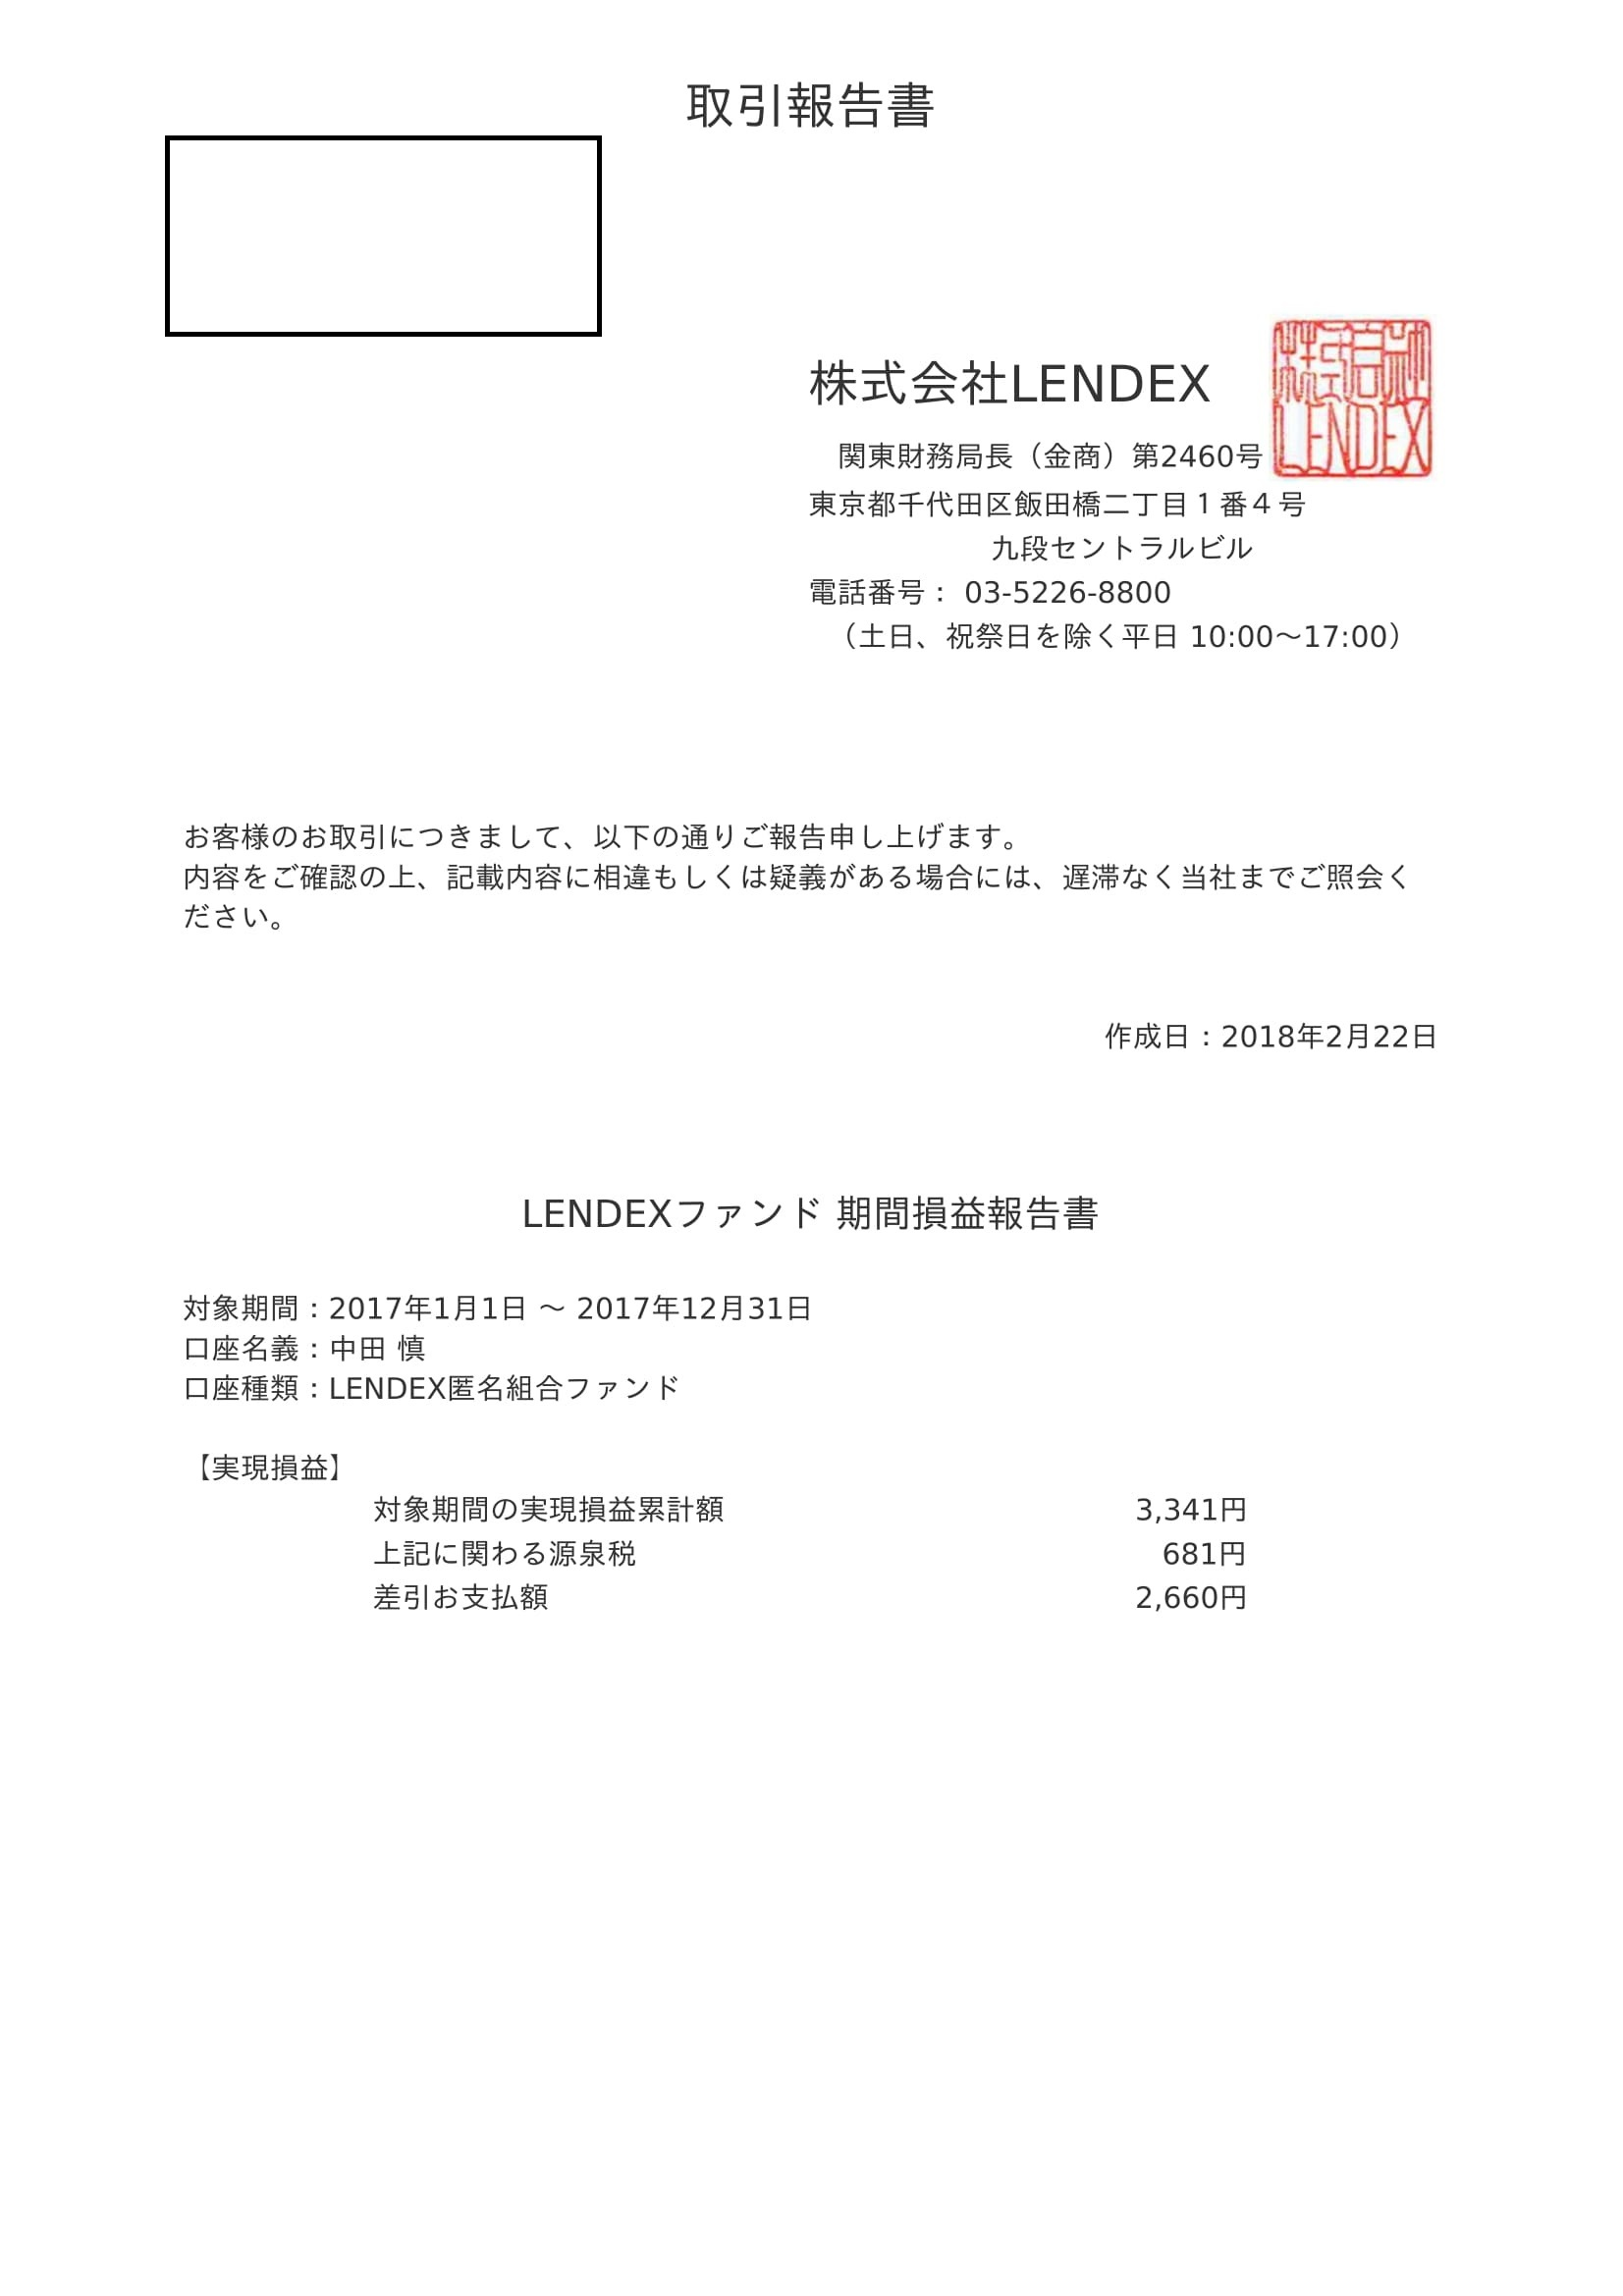 LENDEX取引報告書-1